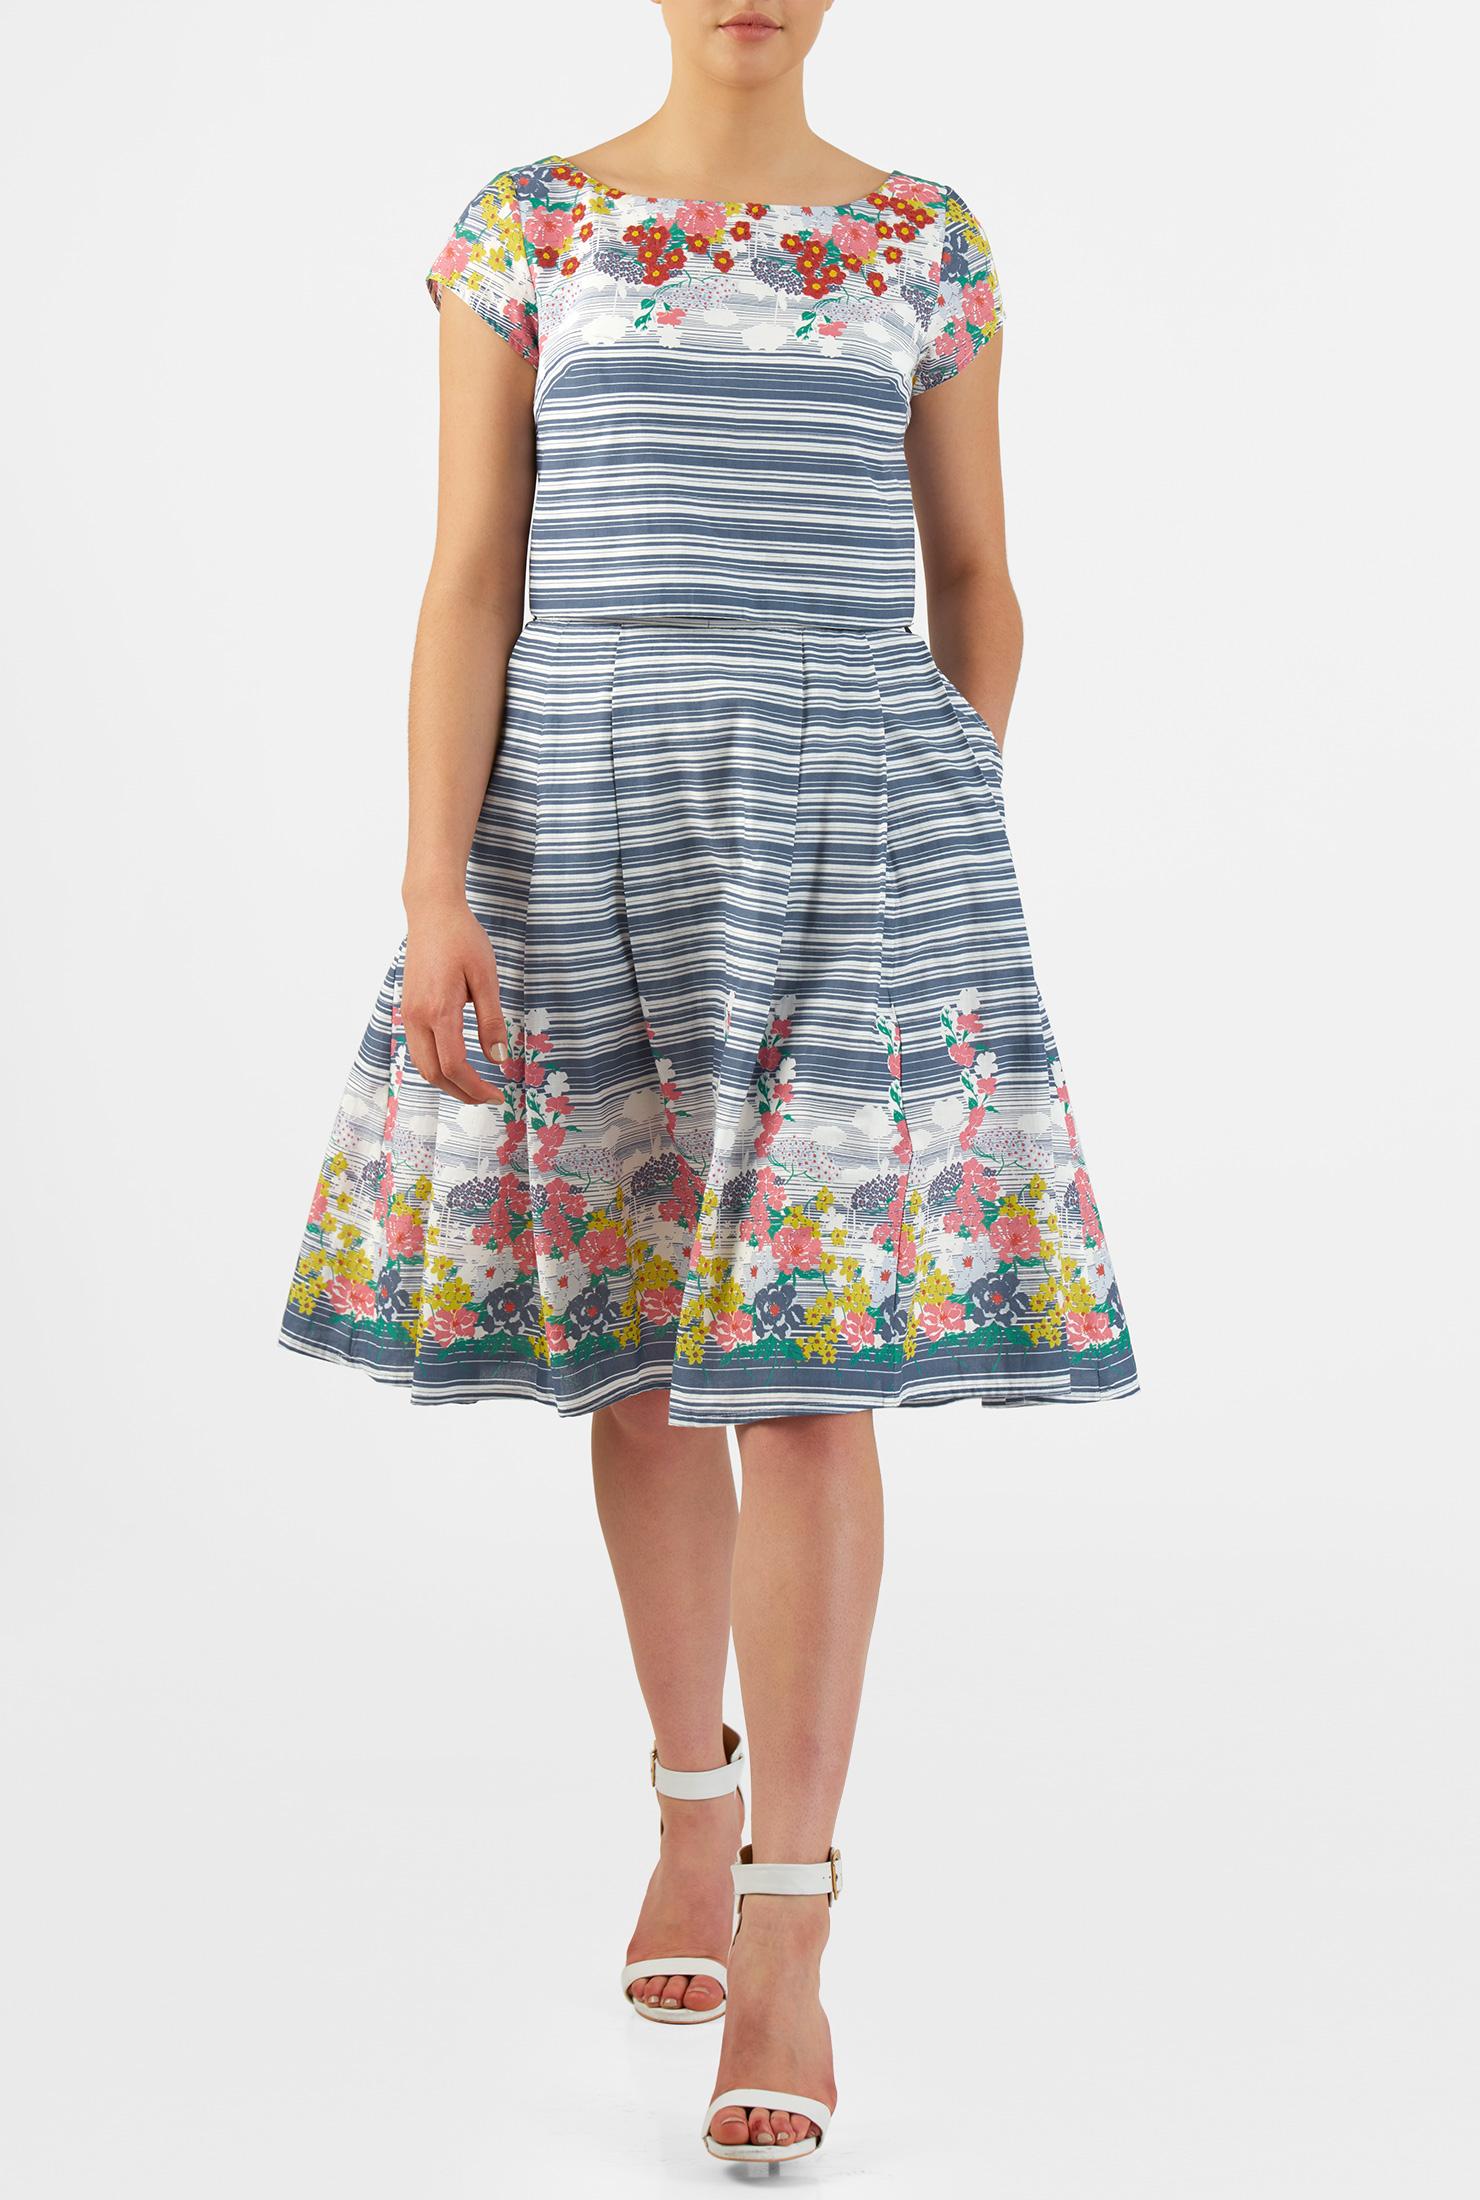 eShakti Women's Floral stripe cotton two-piece dress CL0049820